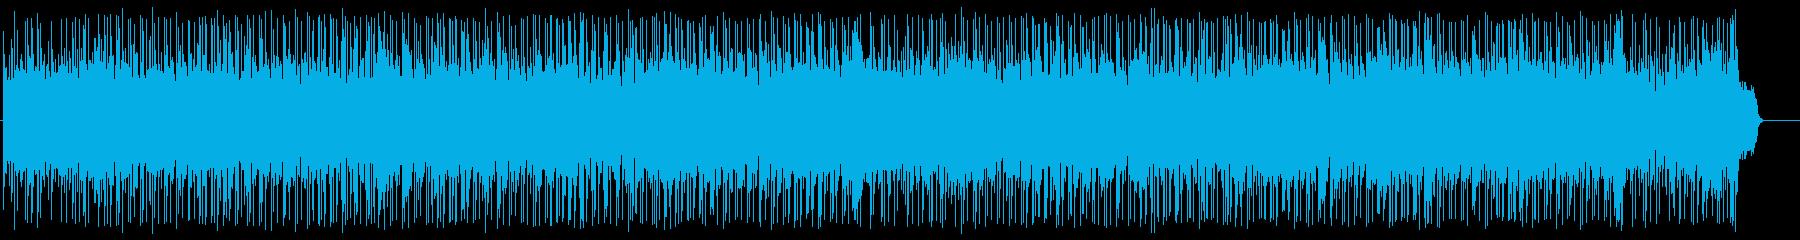 前向きで充実したポップ(フルサイズ)の再生済みの波形